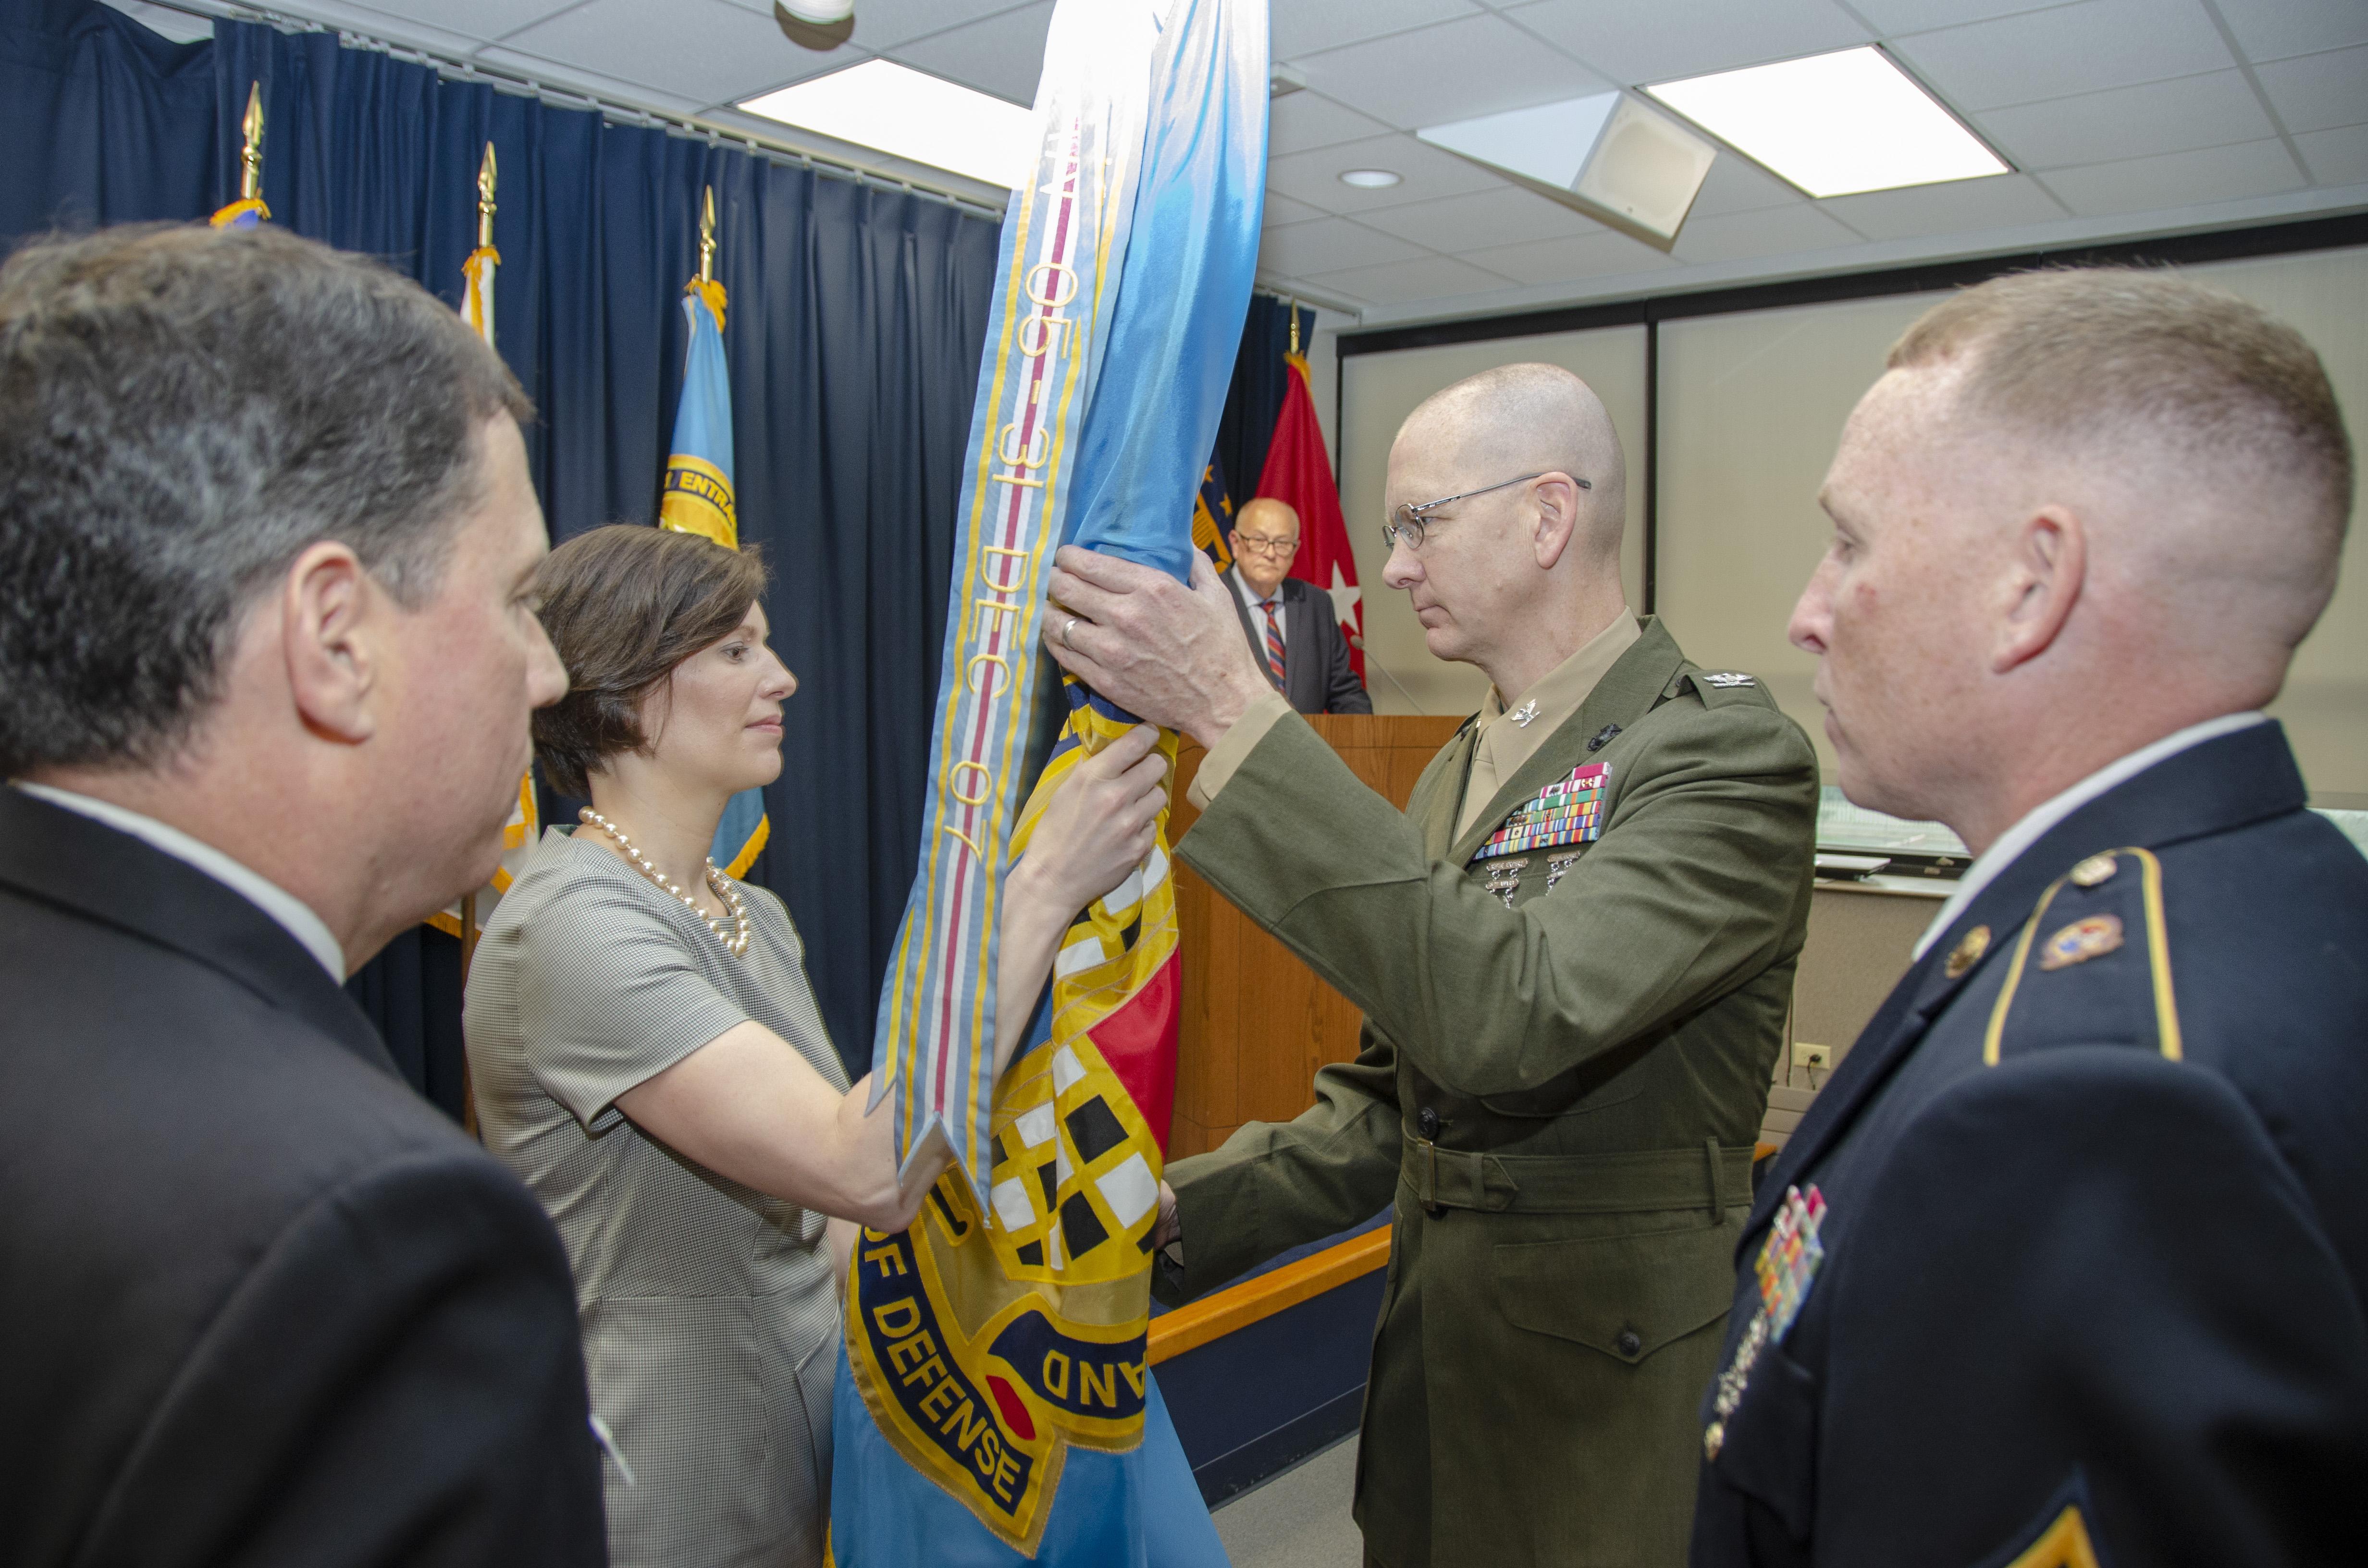 USMEPCOM Welcomes New Commander